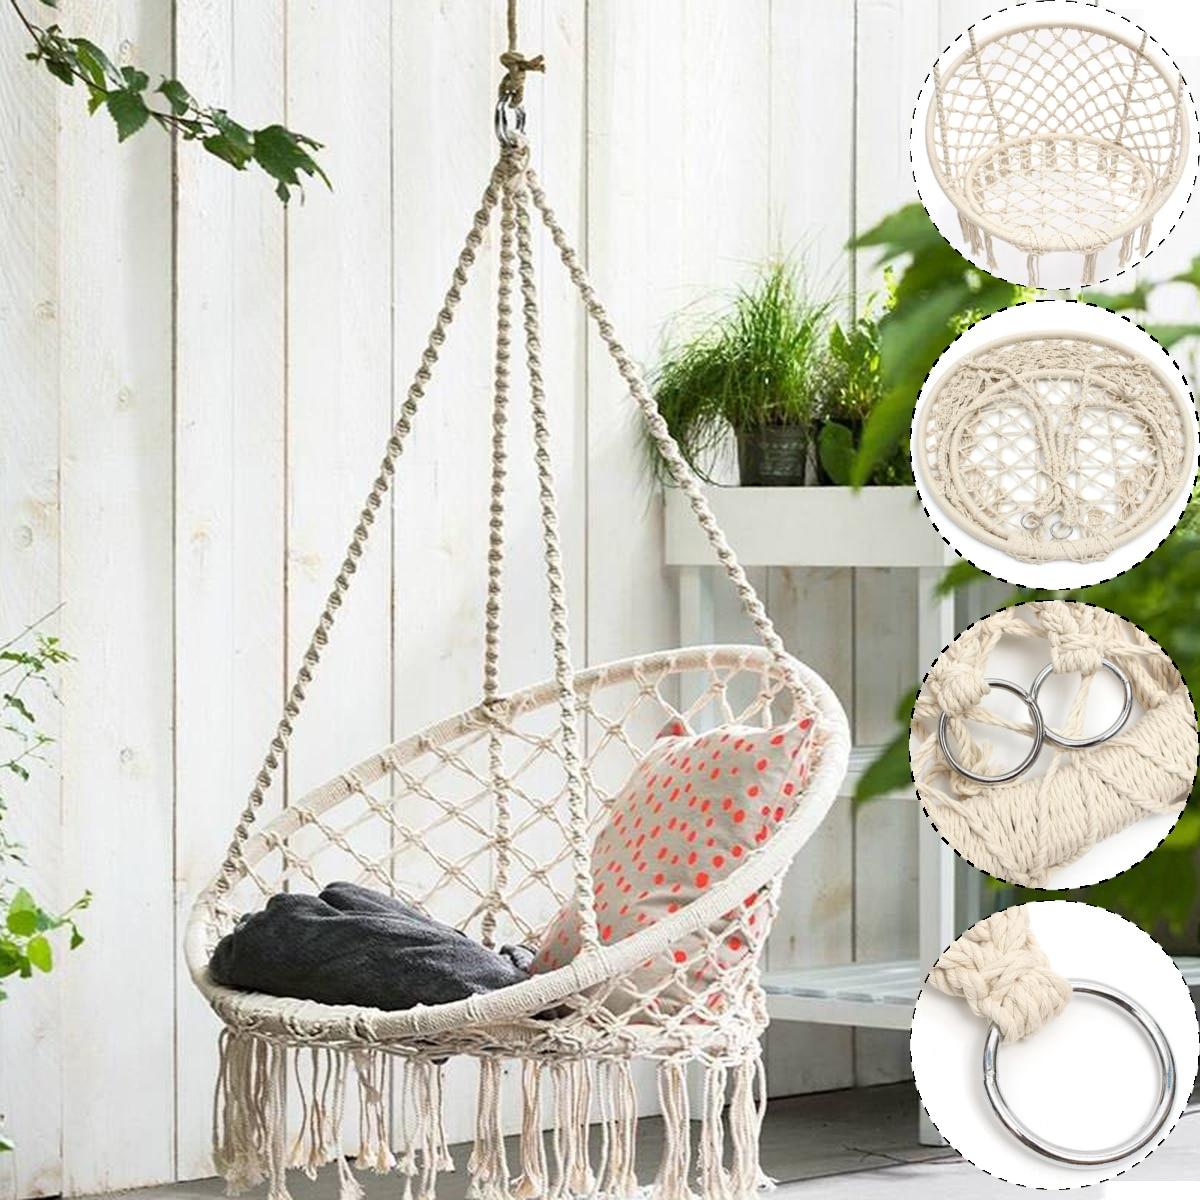 Nórdico corda de algodão rede cadeira artesanal malha interior ao ar livre crianças balanço cama adulto balanço pendurado cadeira rede